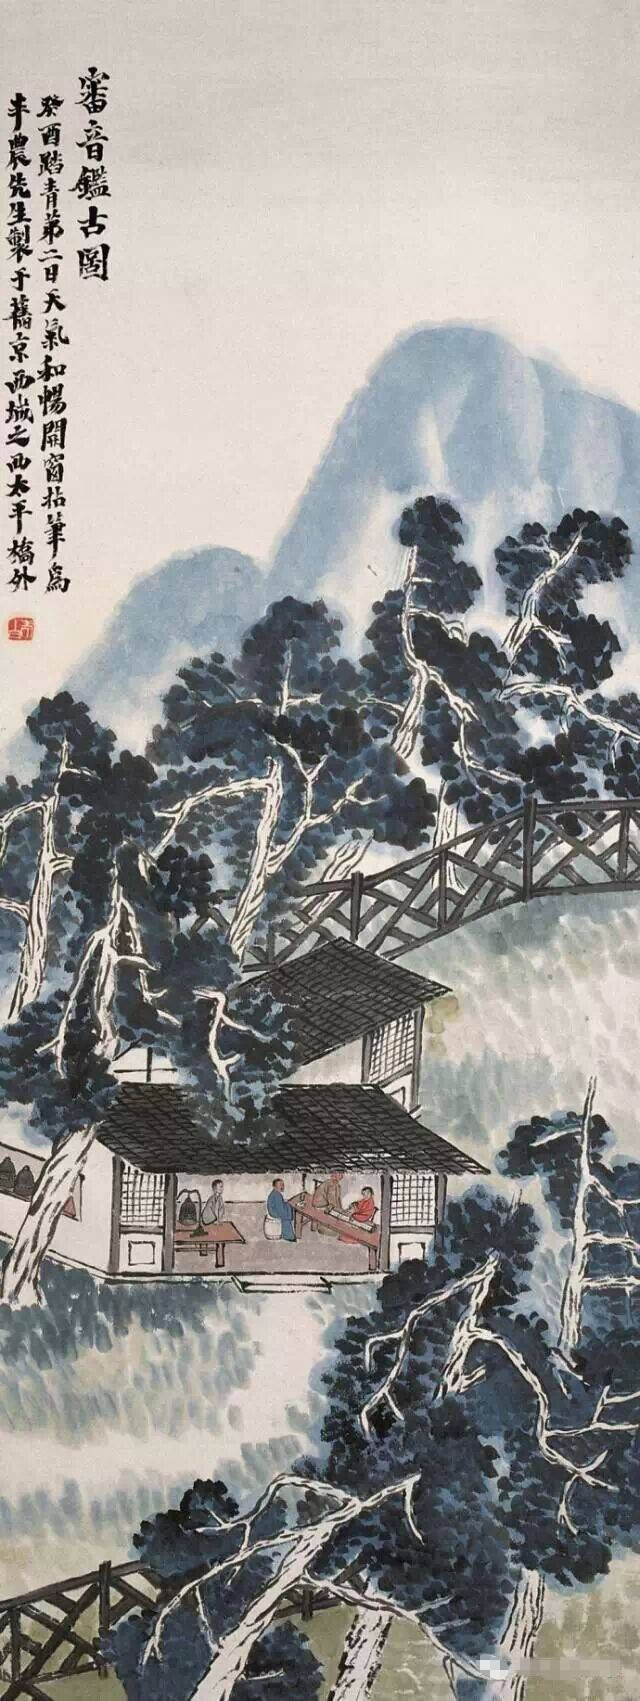 齐白石诗意山水画50幅(高清图)